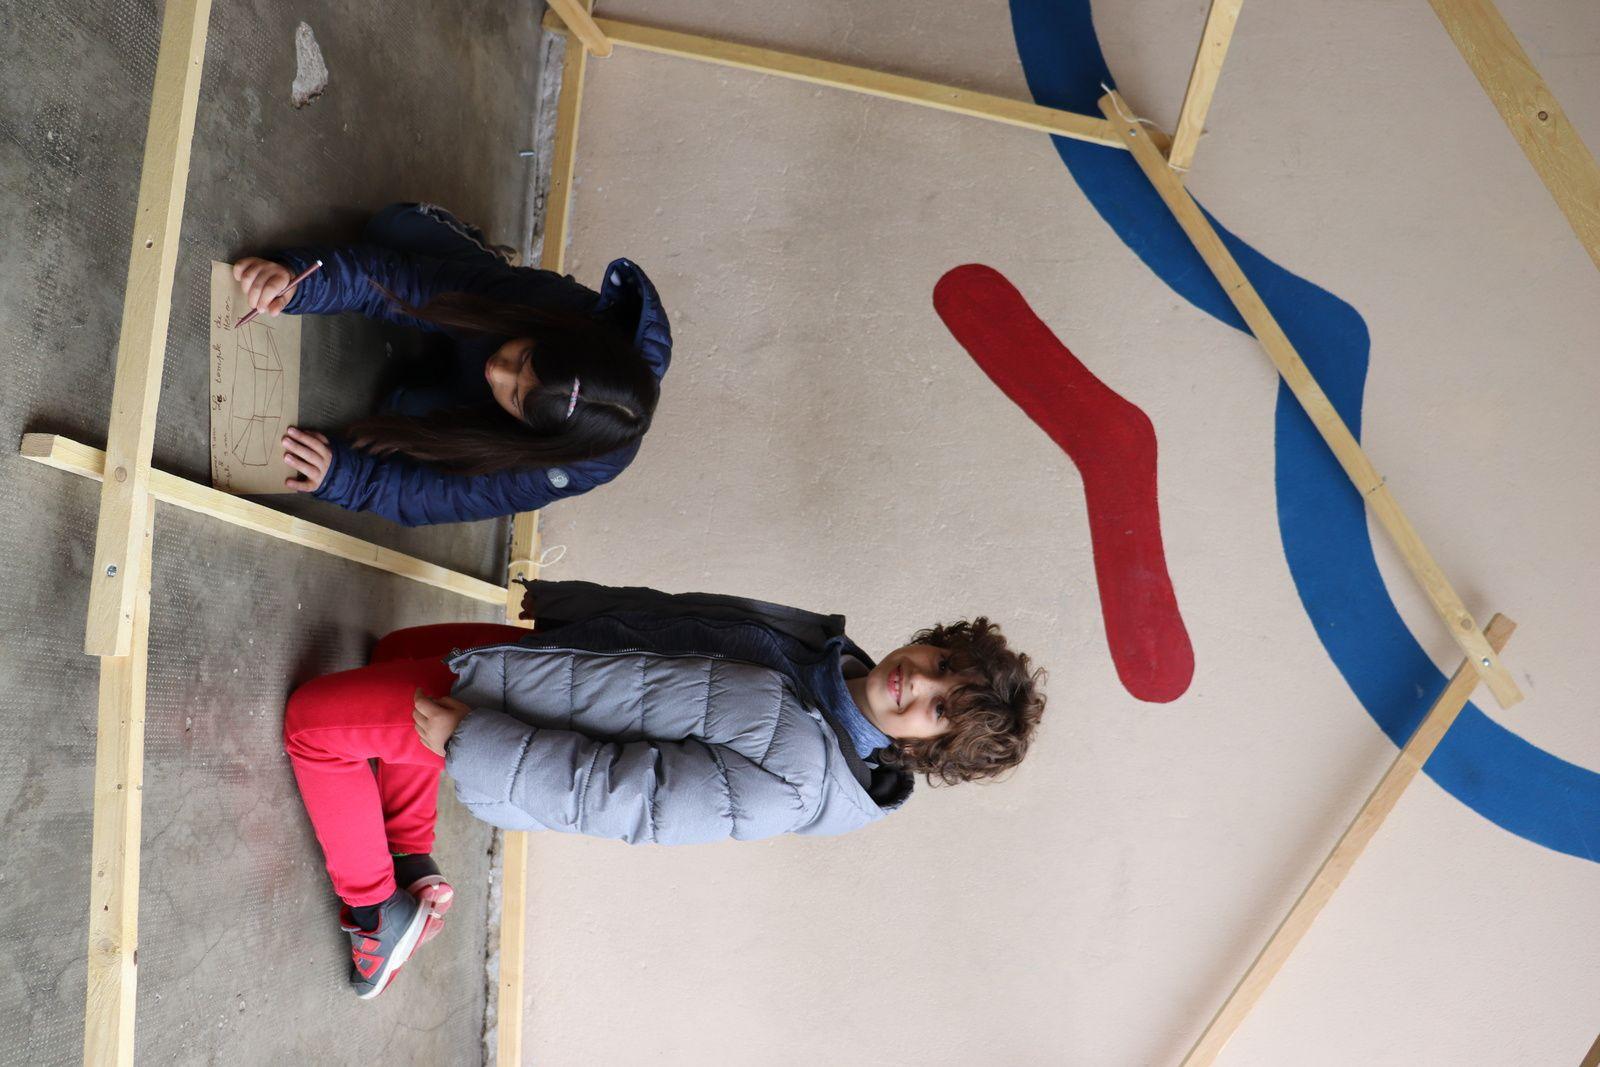 Ecole primaire Jean Macé de Narbonne, Une cabane... des cabanes, Parcours d'architecture 2019